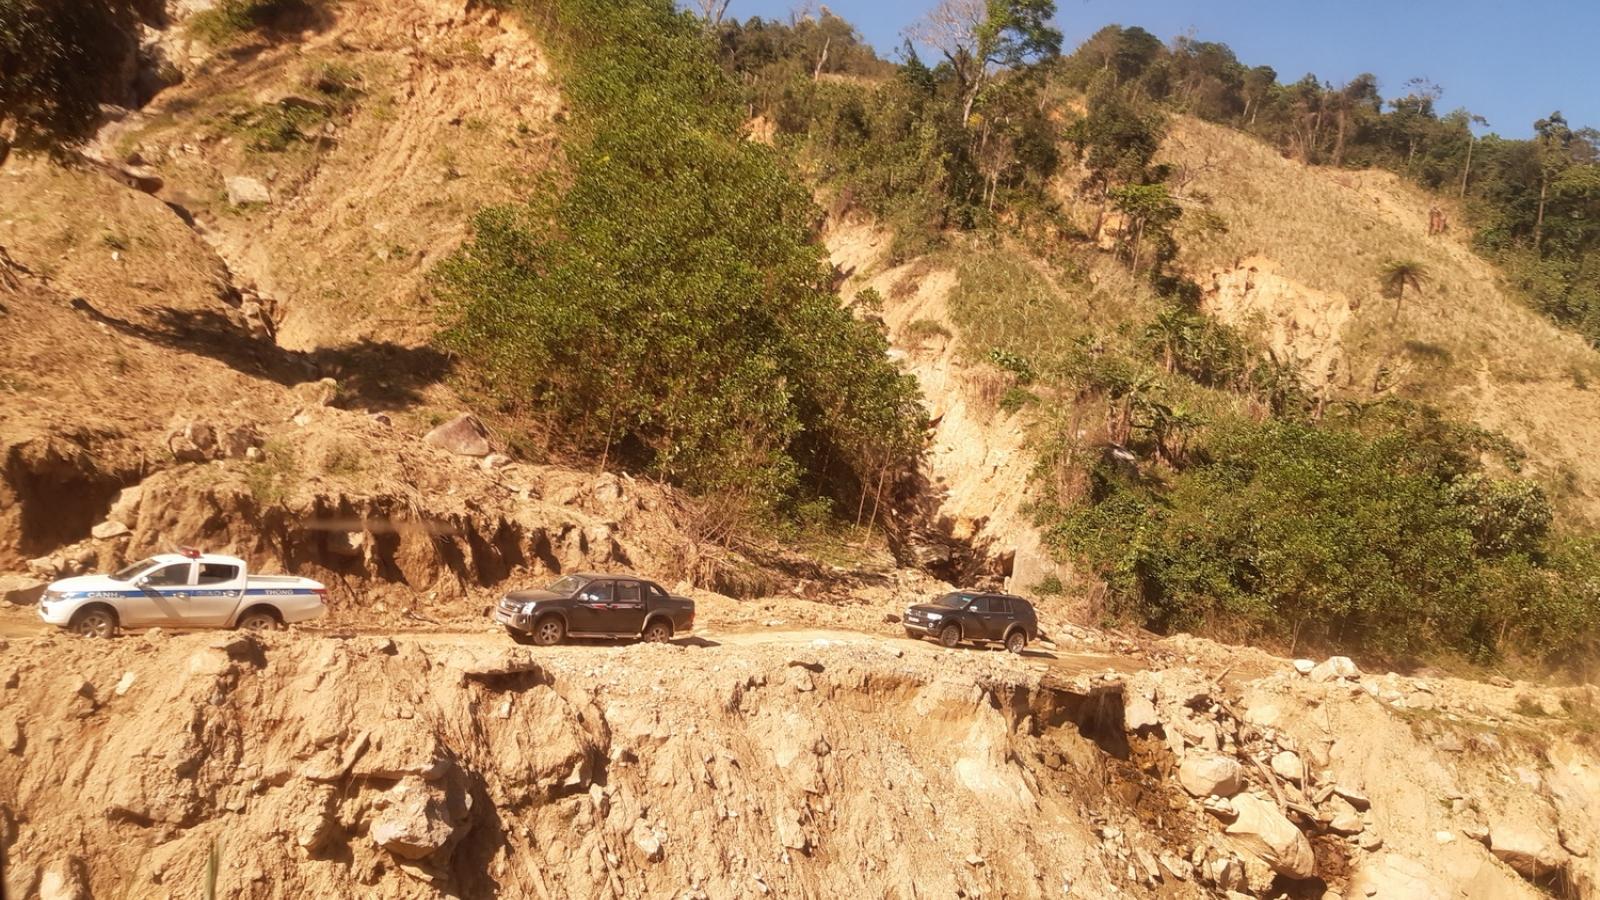 Quảng Nam khẩn trương sắp xếp dân cư, ổn định sinh kế ở vùng sạt lở núi